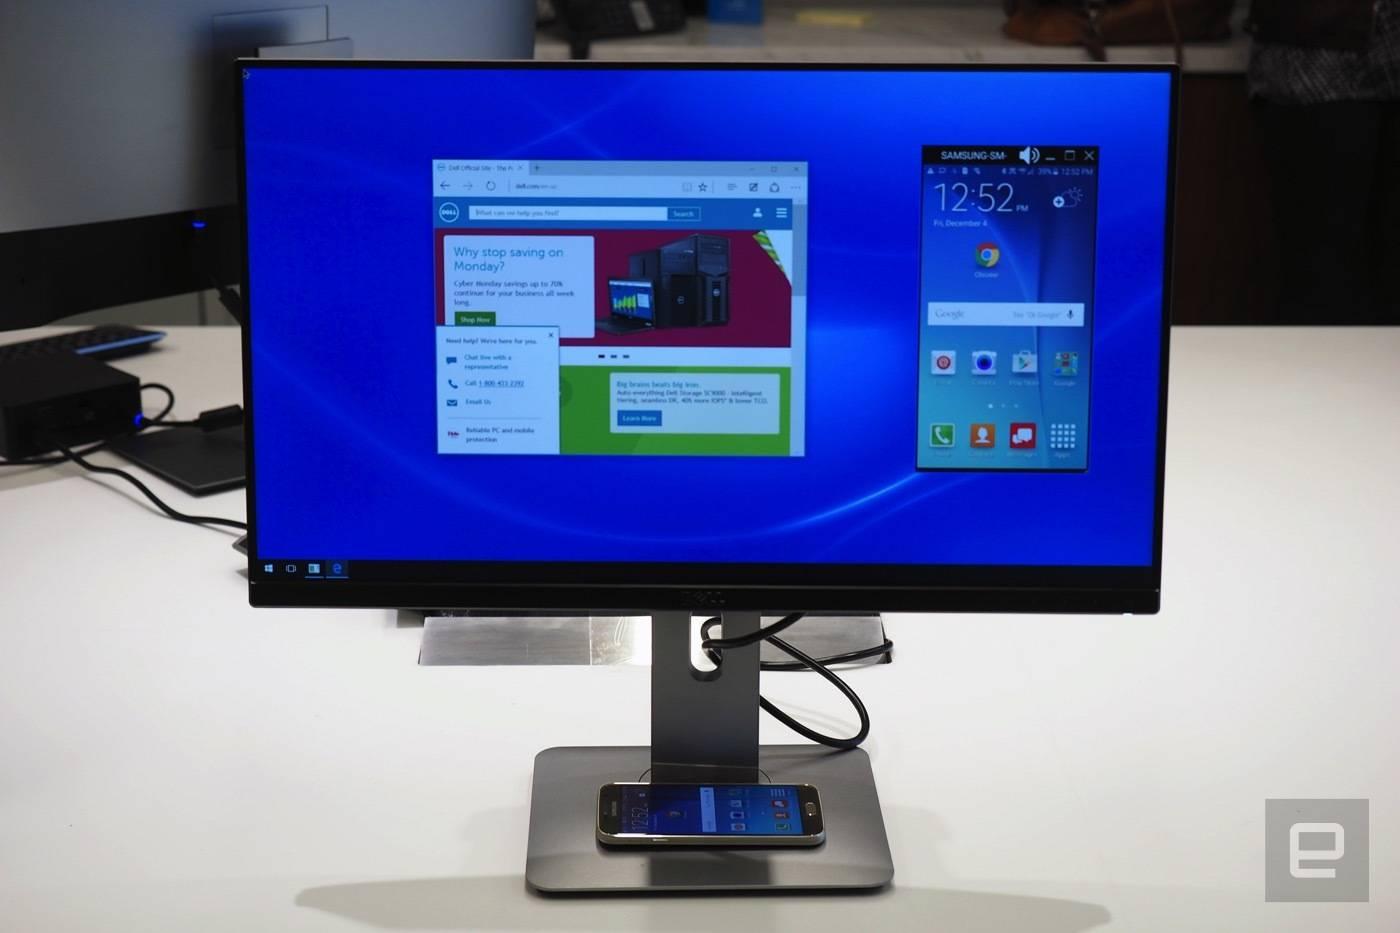 戴尔的无线显示器,支持 Miracast 连接,图片来自 Engadget。